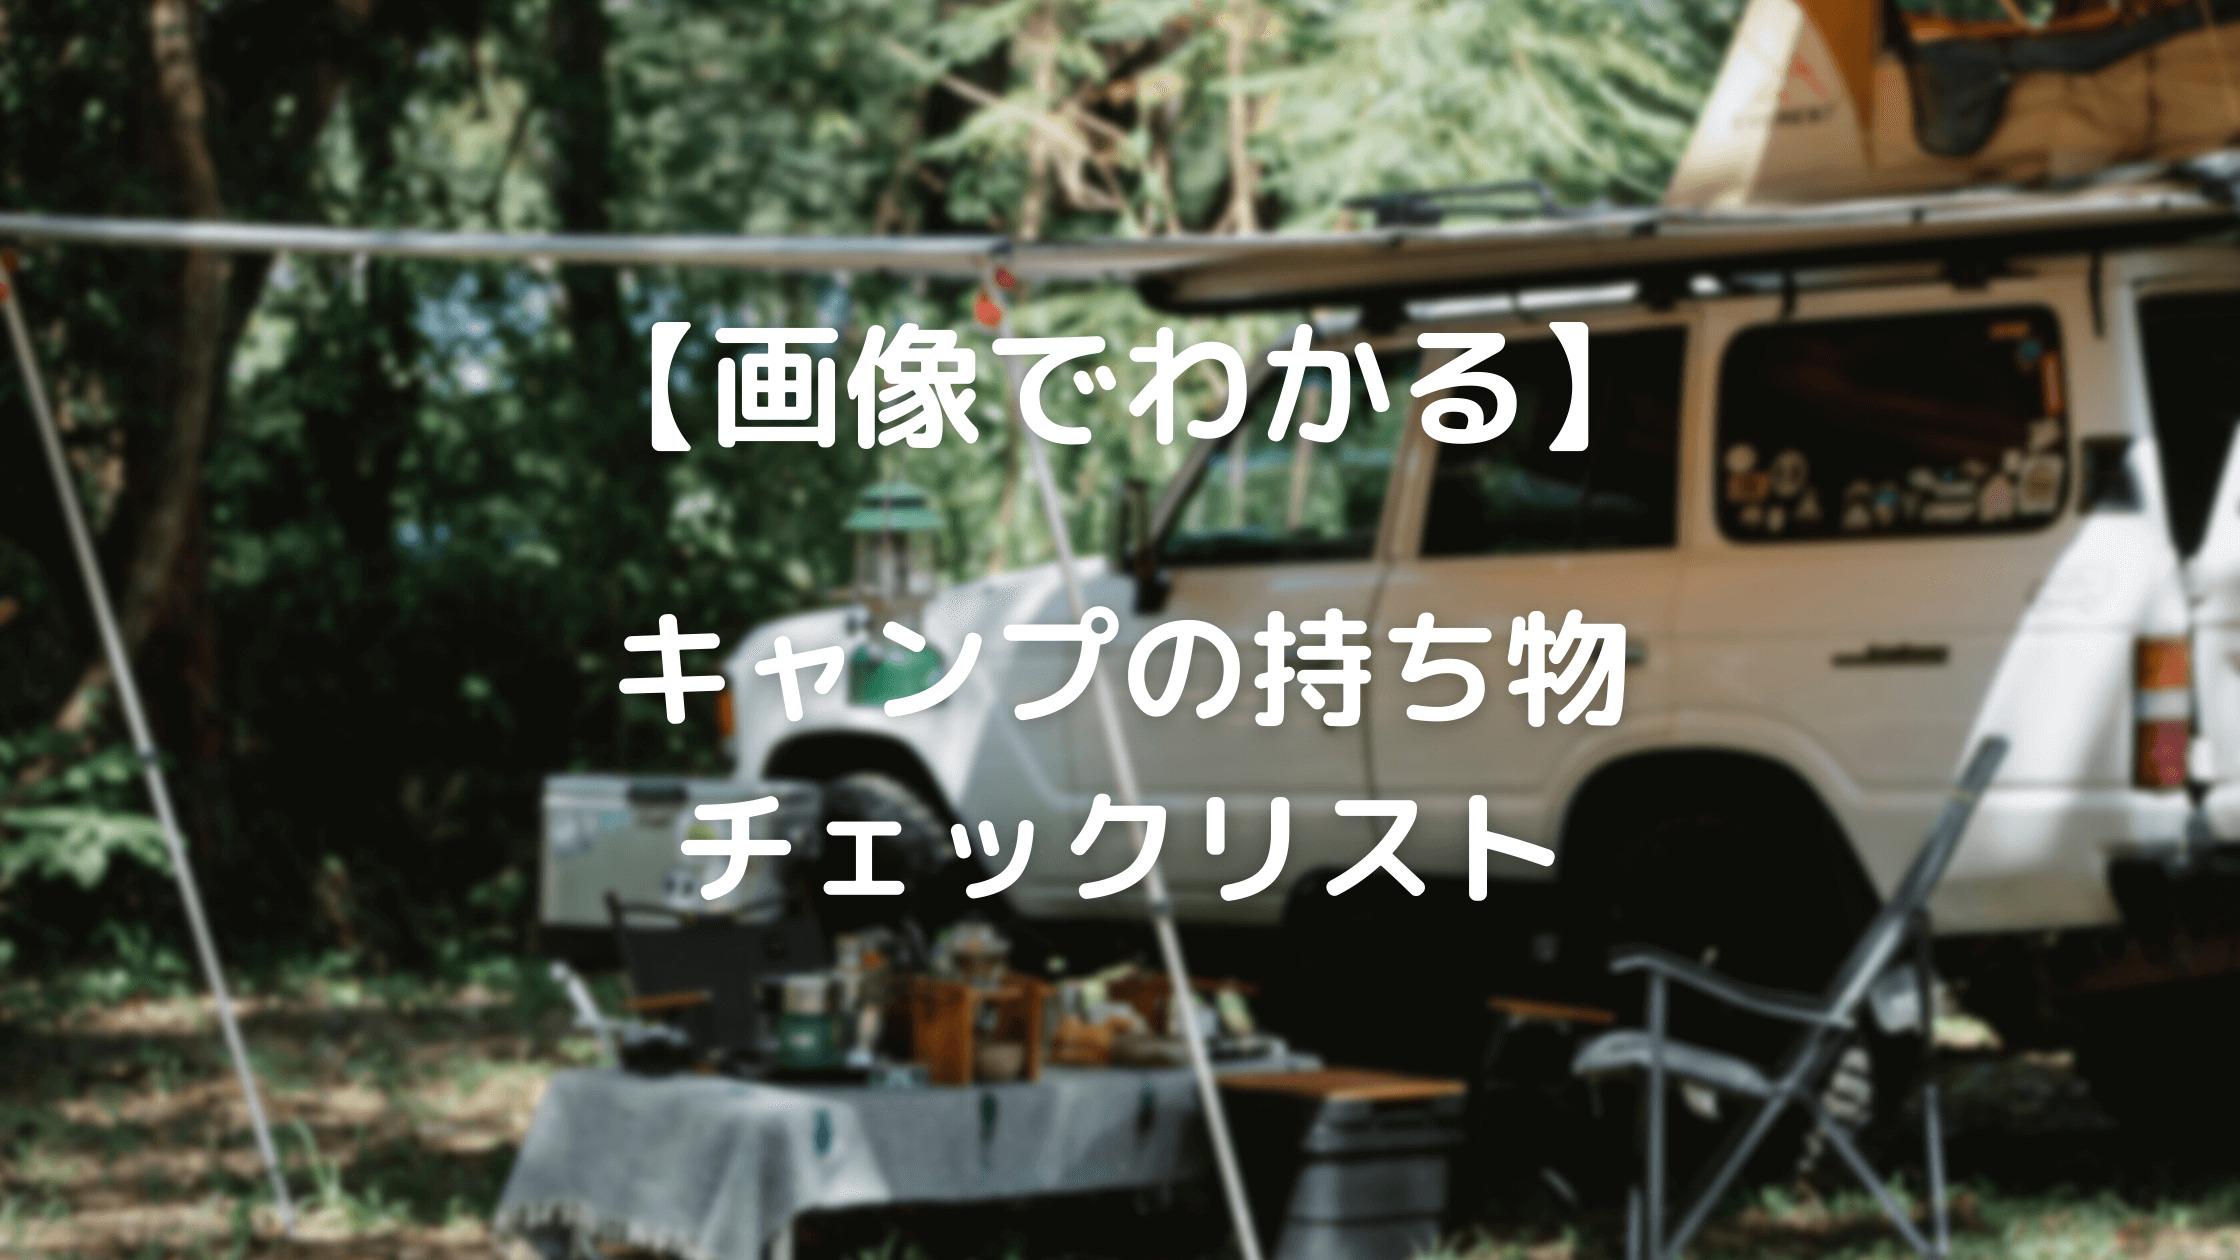 画像でわかる【キャンプの持ち物チェックリスト】で準備はバッチリ!